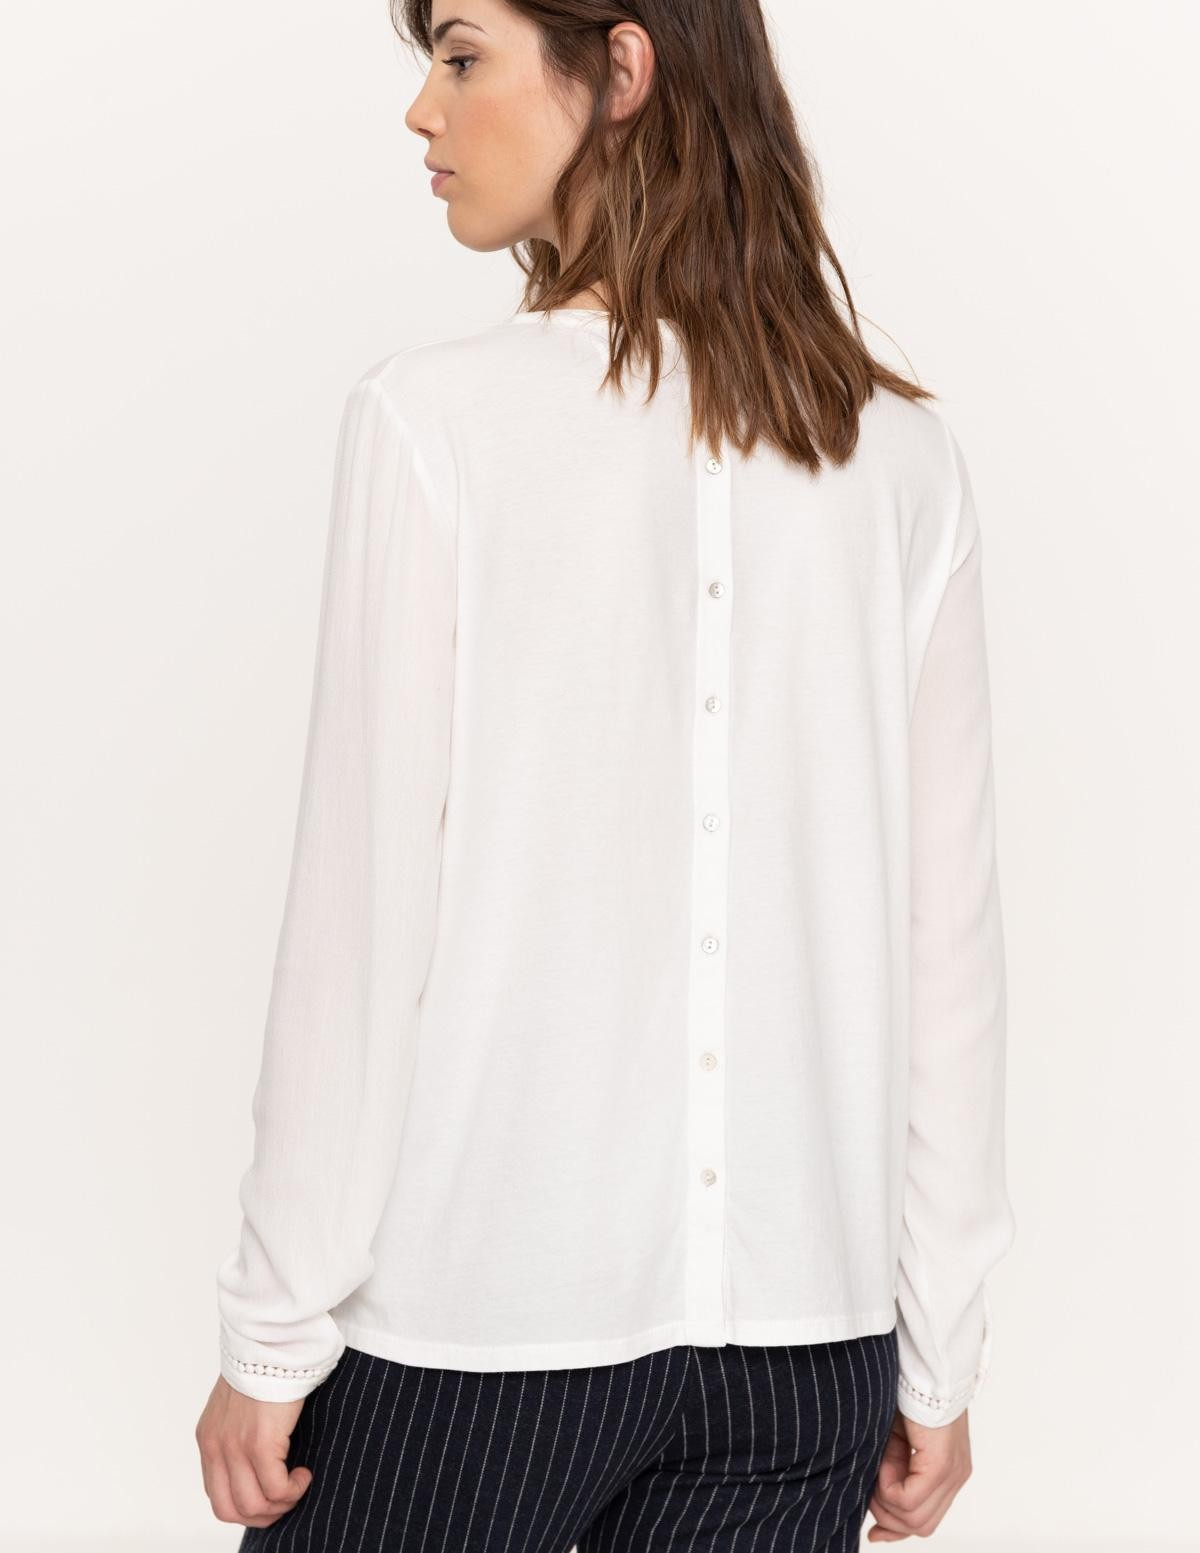 Camisa detalles puntilla - Ítem1